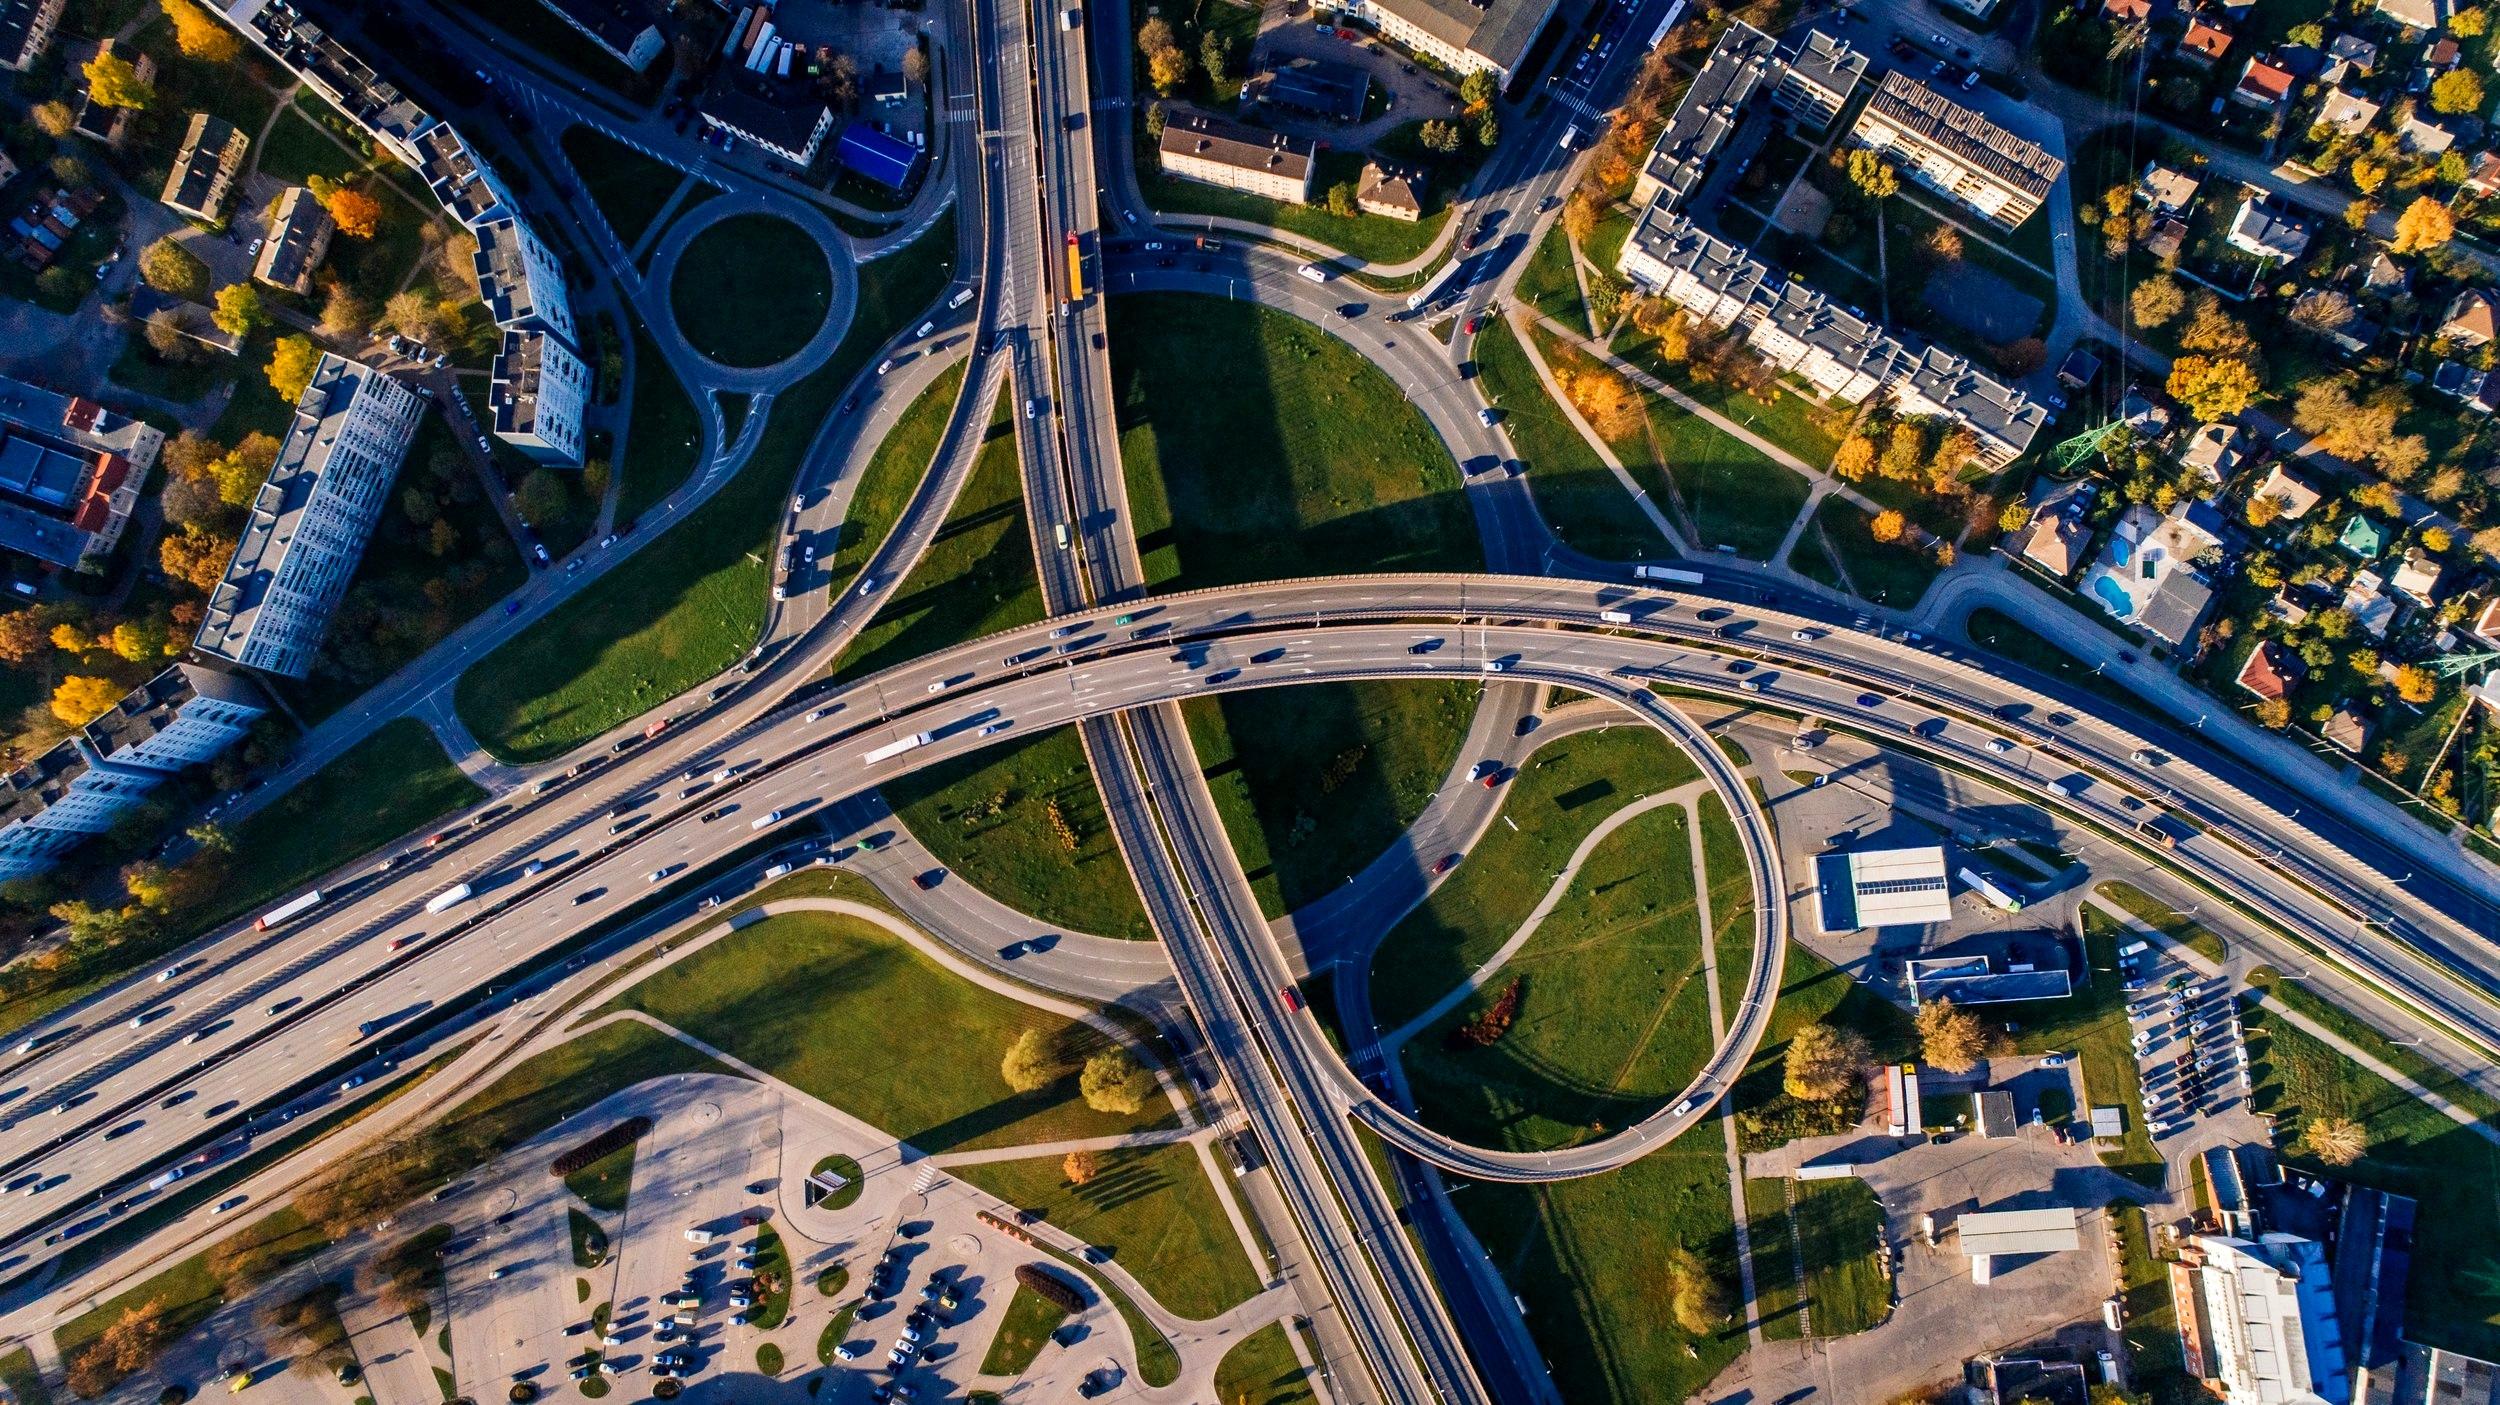 Los alentadores resultados de un innovador modelo educativo para adultos denominado on-ramps, abren una vía frente a los cambios que trae la automatización. - Foto por Aleksejs Bergmanis para Pexels.